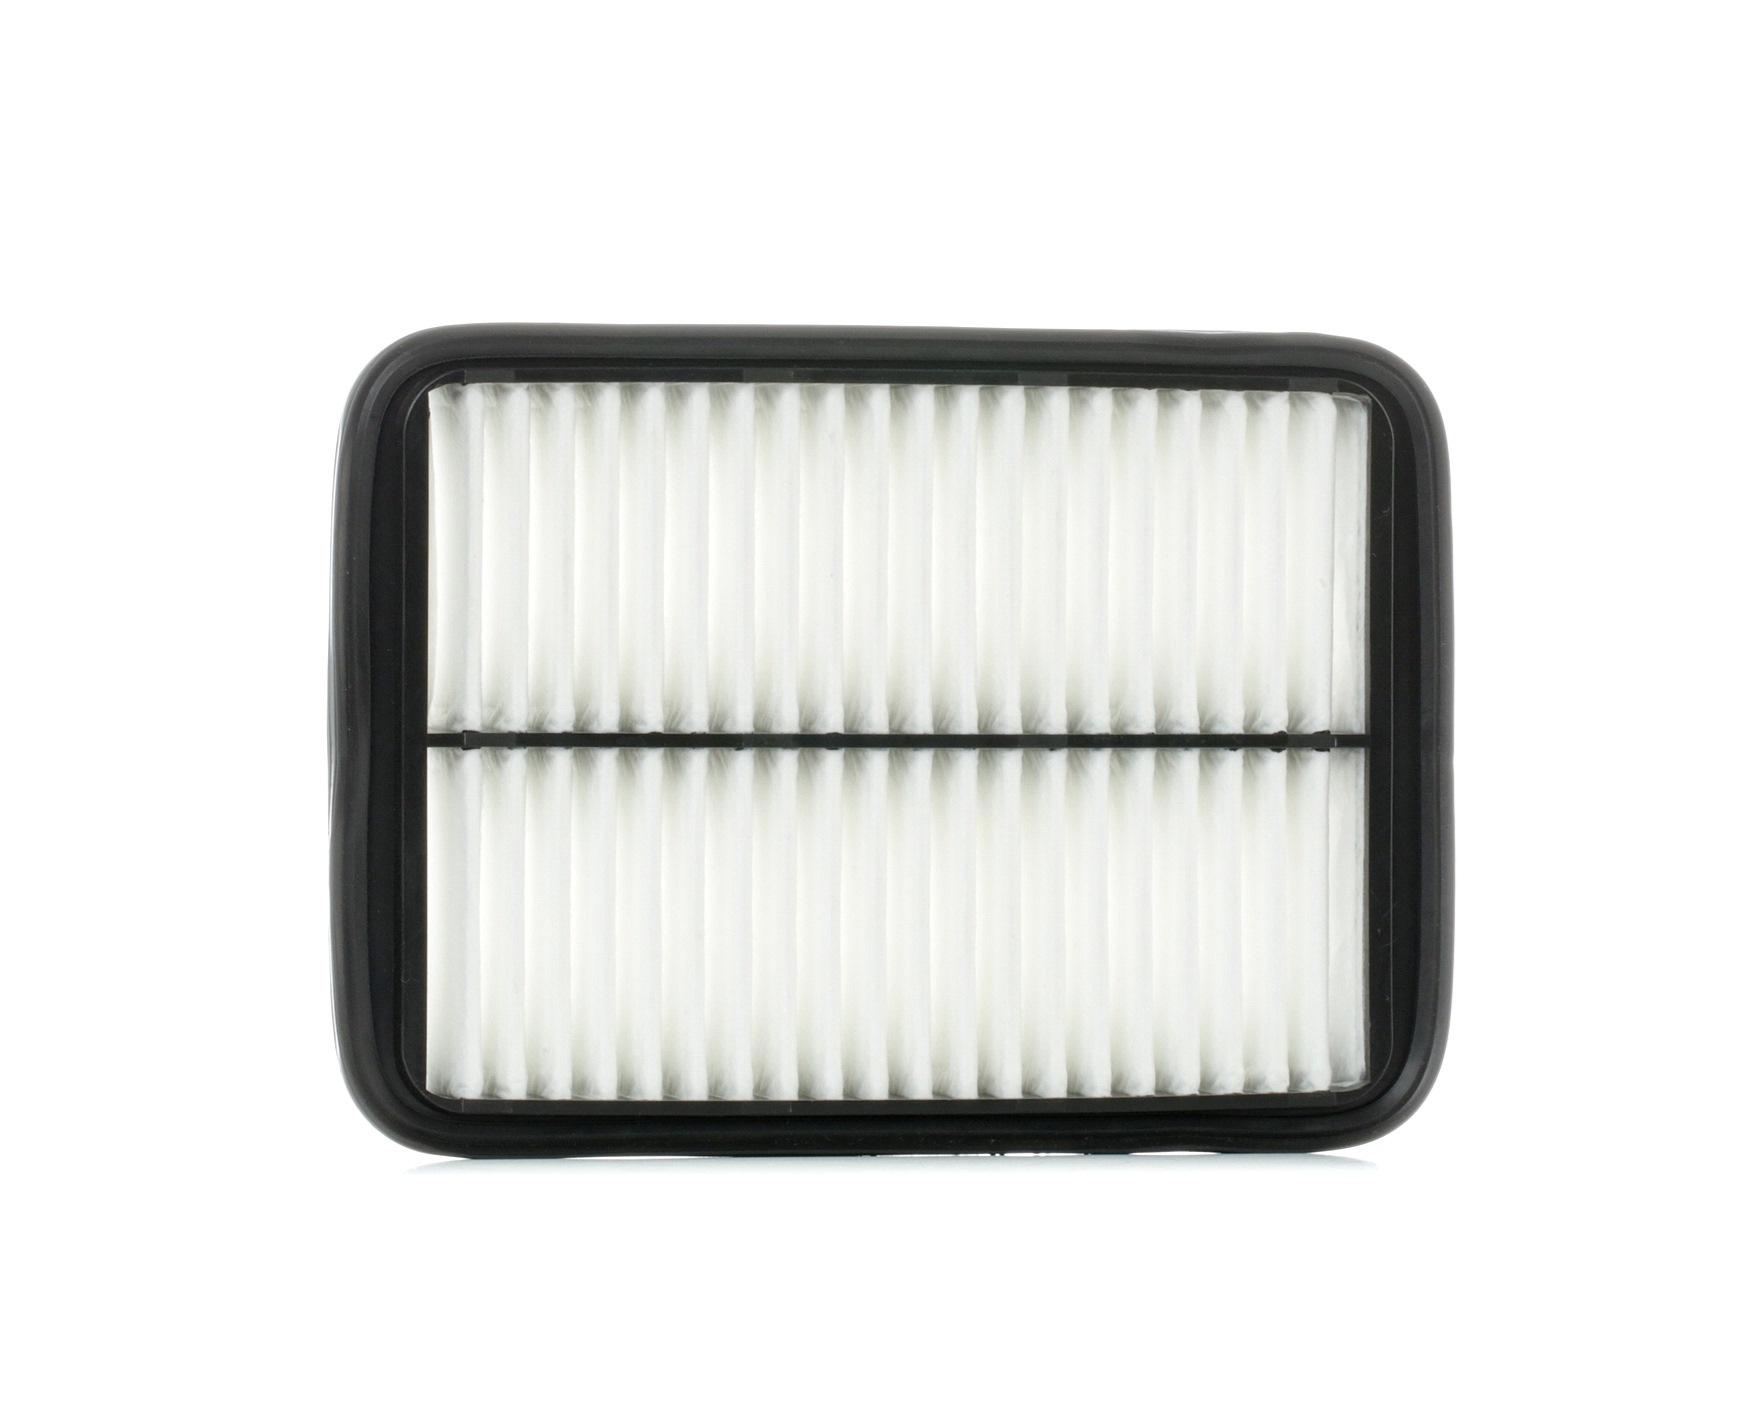 8A0427 RIDEX Filtereinsatz, Umluftfilter Länge: 225mm, Länge: 225mm, Breite: 166mm, Höhe: 42mm Luftfilter 8A0427 günstig kaufen